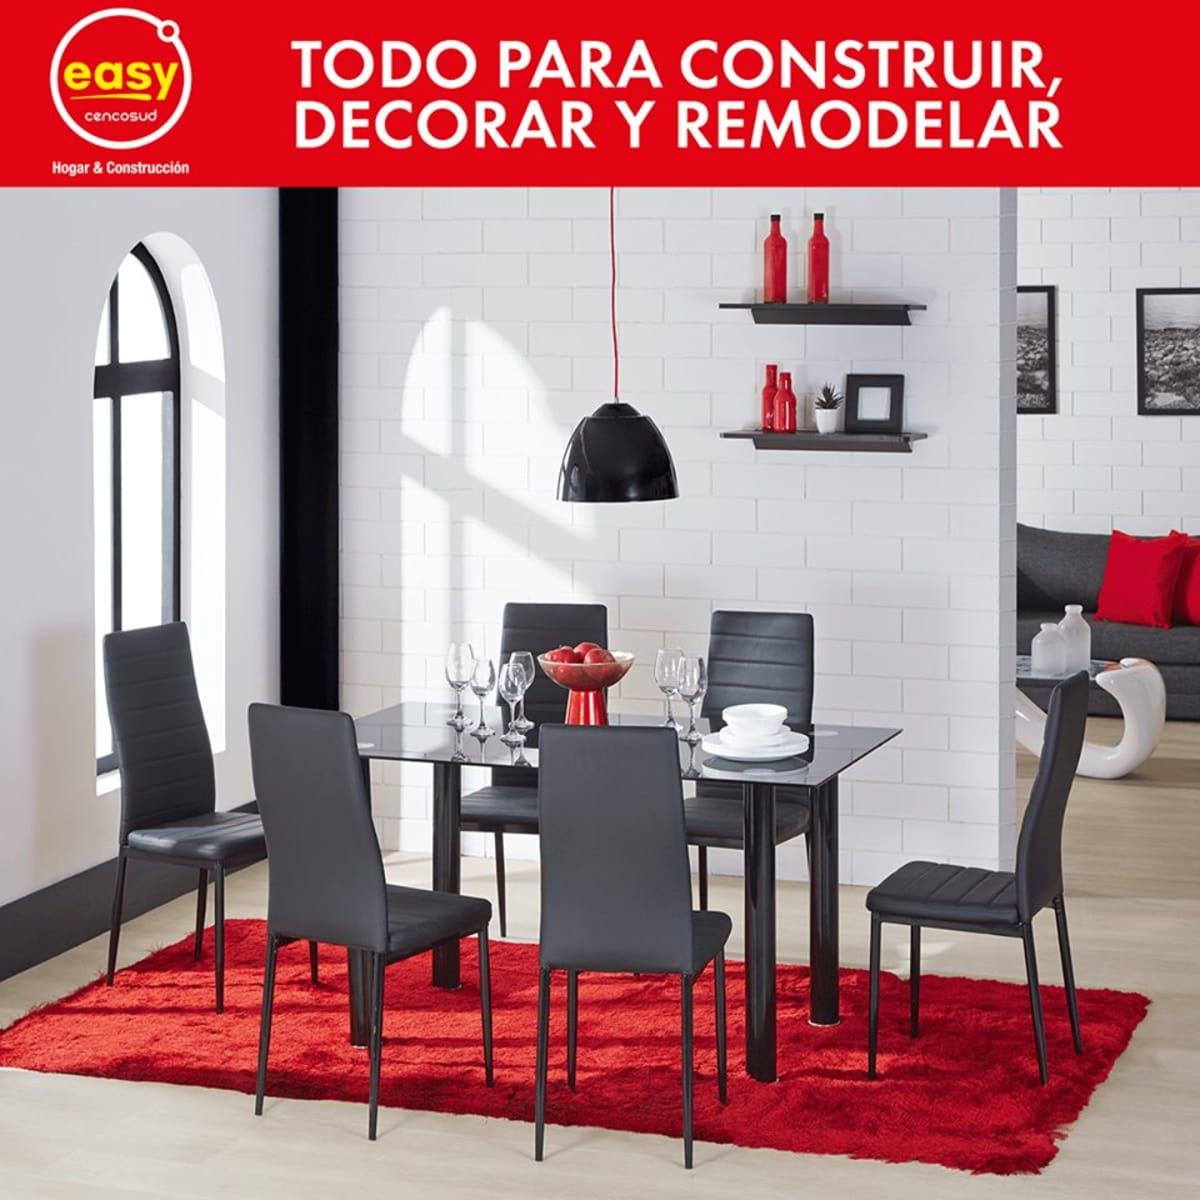 Easy centro mayor almac n de cadena centro comercial for Easy cocinas integrales bogota